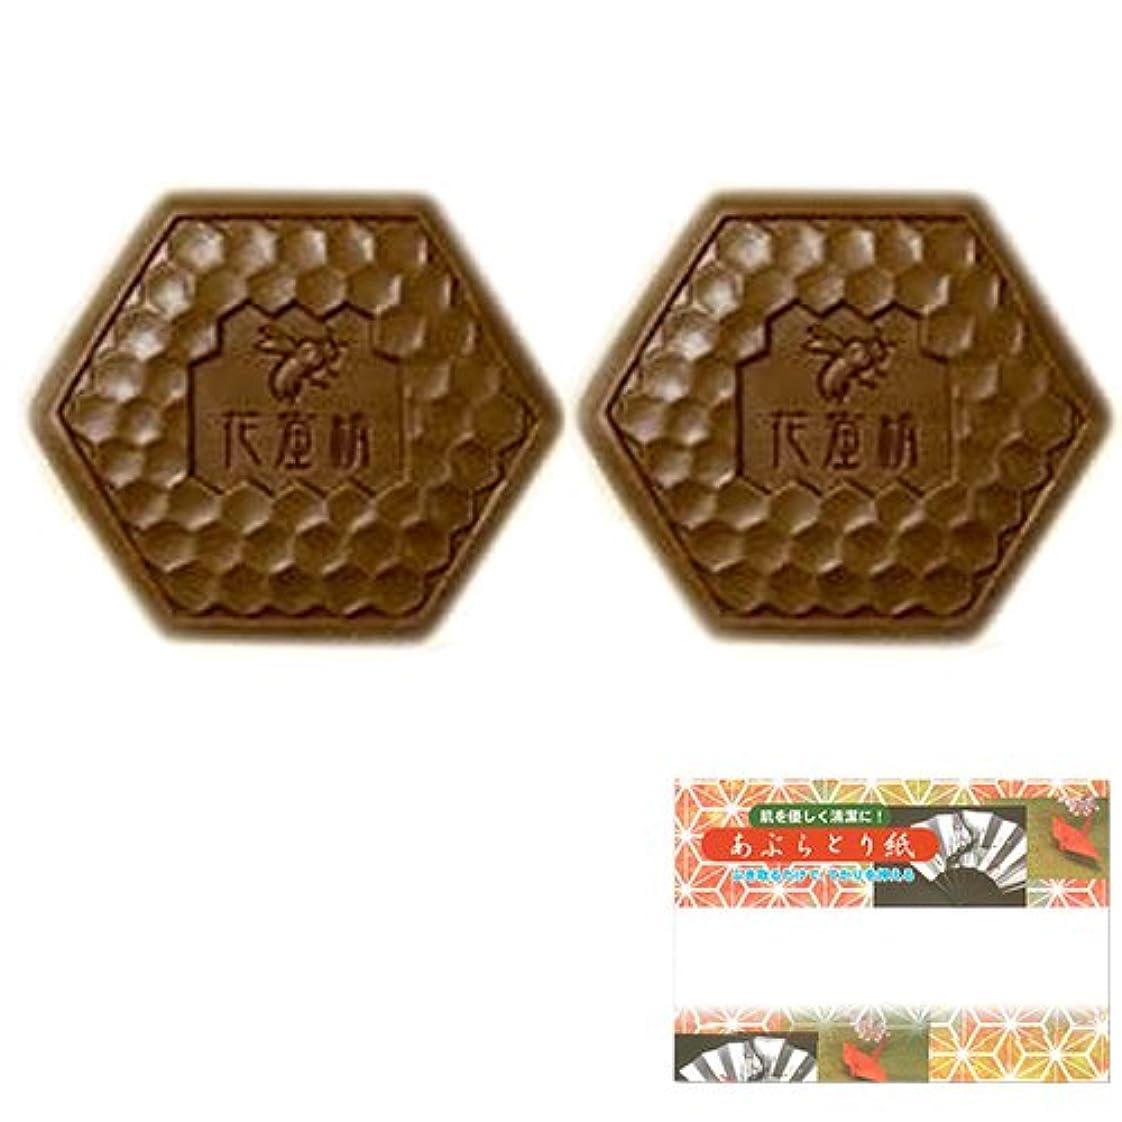 偉業ホース興味フェニックス 花蜜精(かみつせい) はちみつ クレンジングソープ 2個 + 高級あぶらとり紙セット